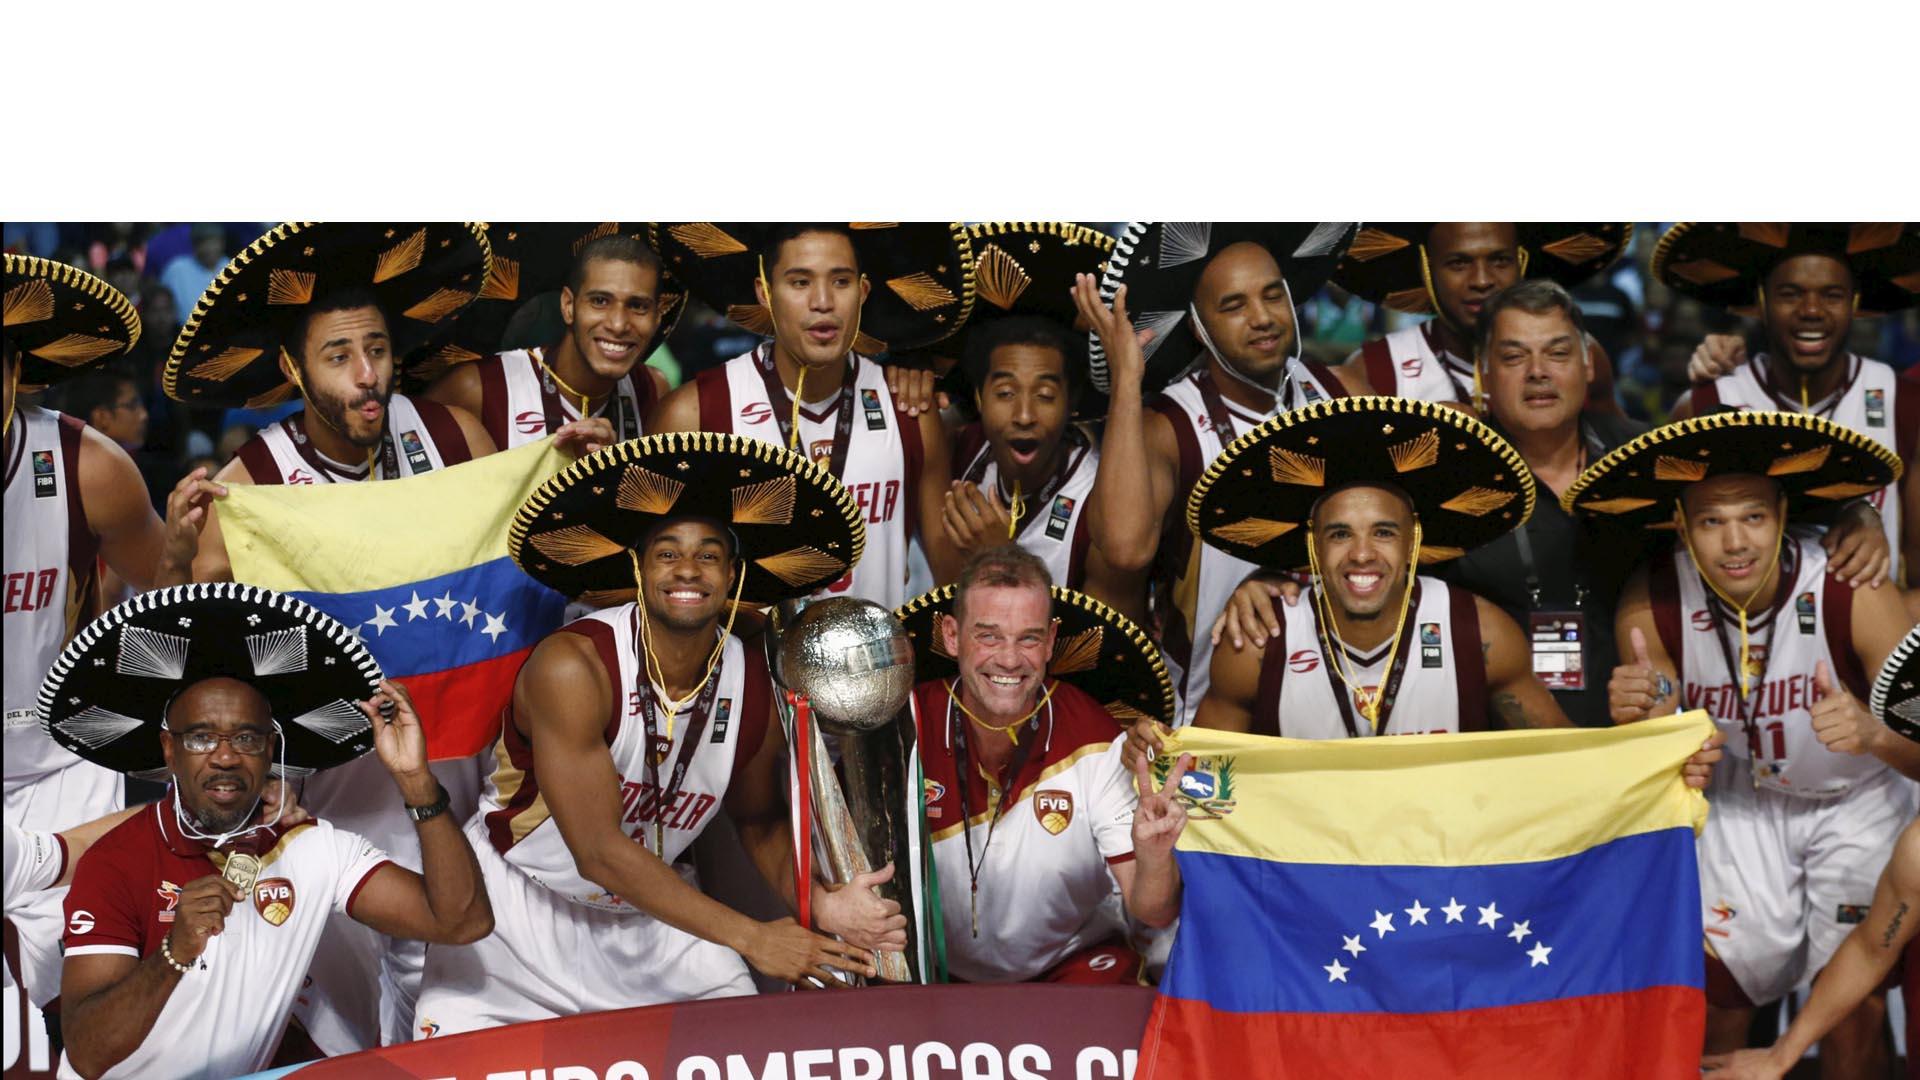 Emulando a los Héroes de Portland, la selección venezolana de baloncesto derrotó a Canadá y se clasificó a las olimpiadas